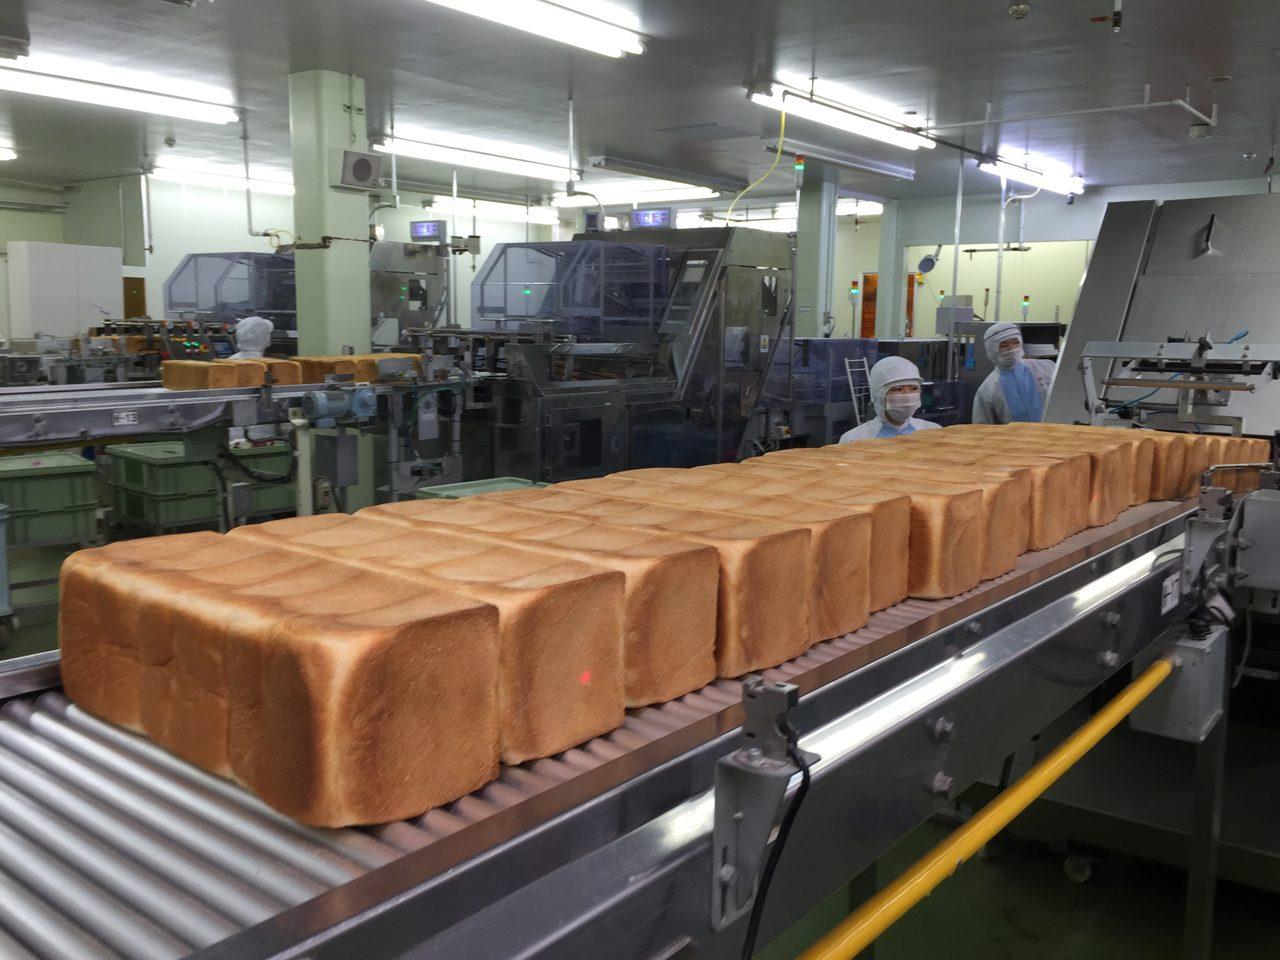 画像7: 携帯サンドイッチの元祖「スナックサンド」の製造現場に密着してみた!!